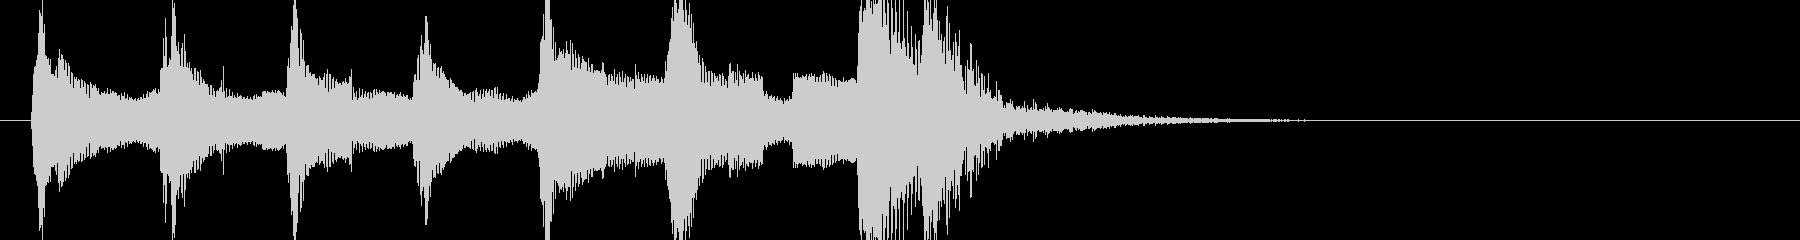 トイ・オルガンとピチカートのジングル1の未再生の波形